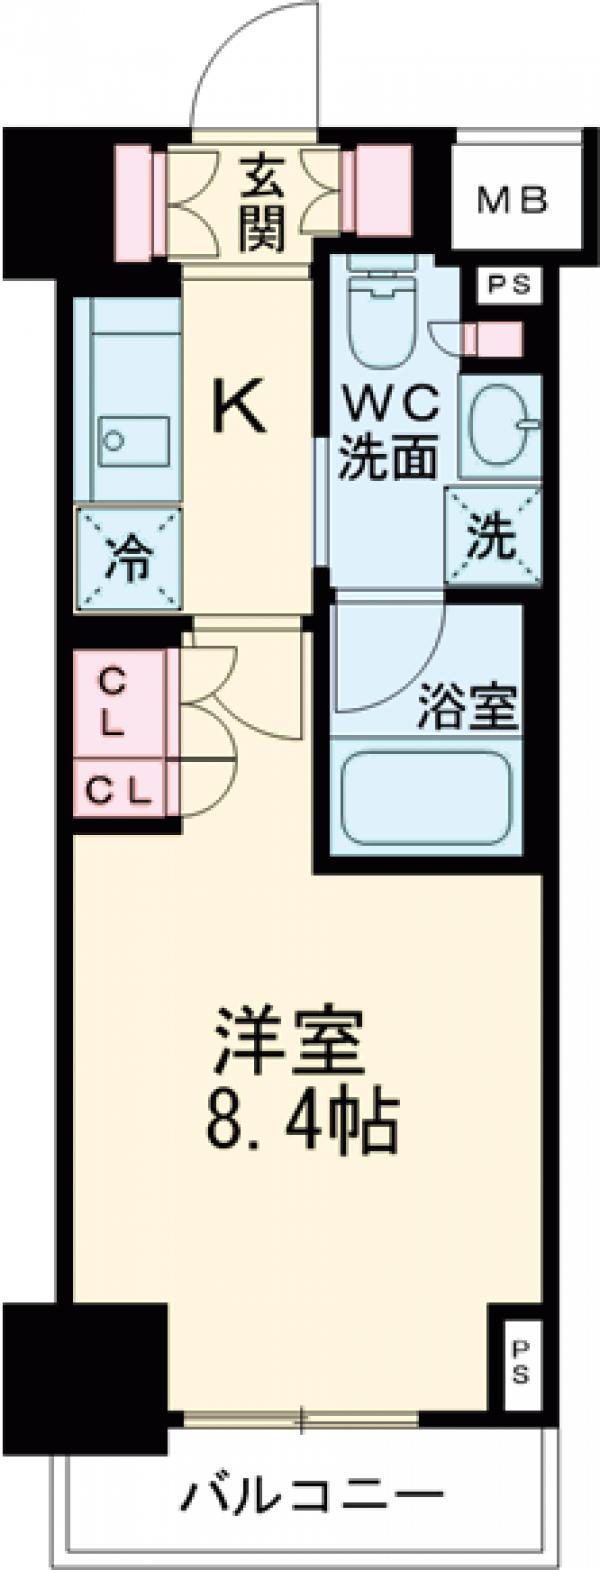 プラウドフラット西早稲田・1205号室の間取り